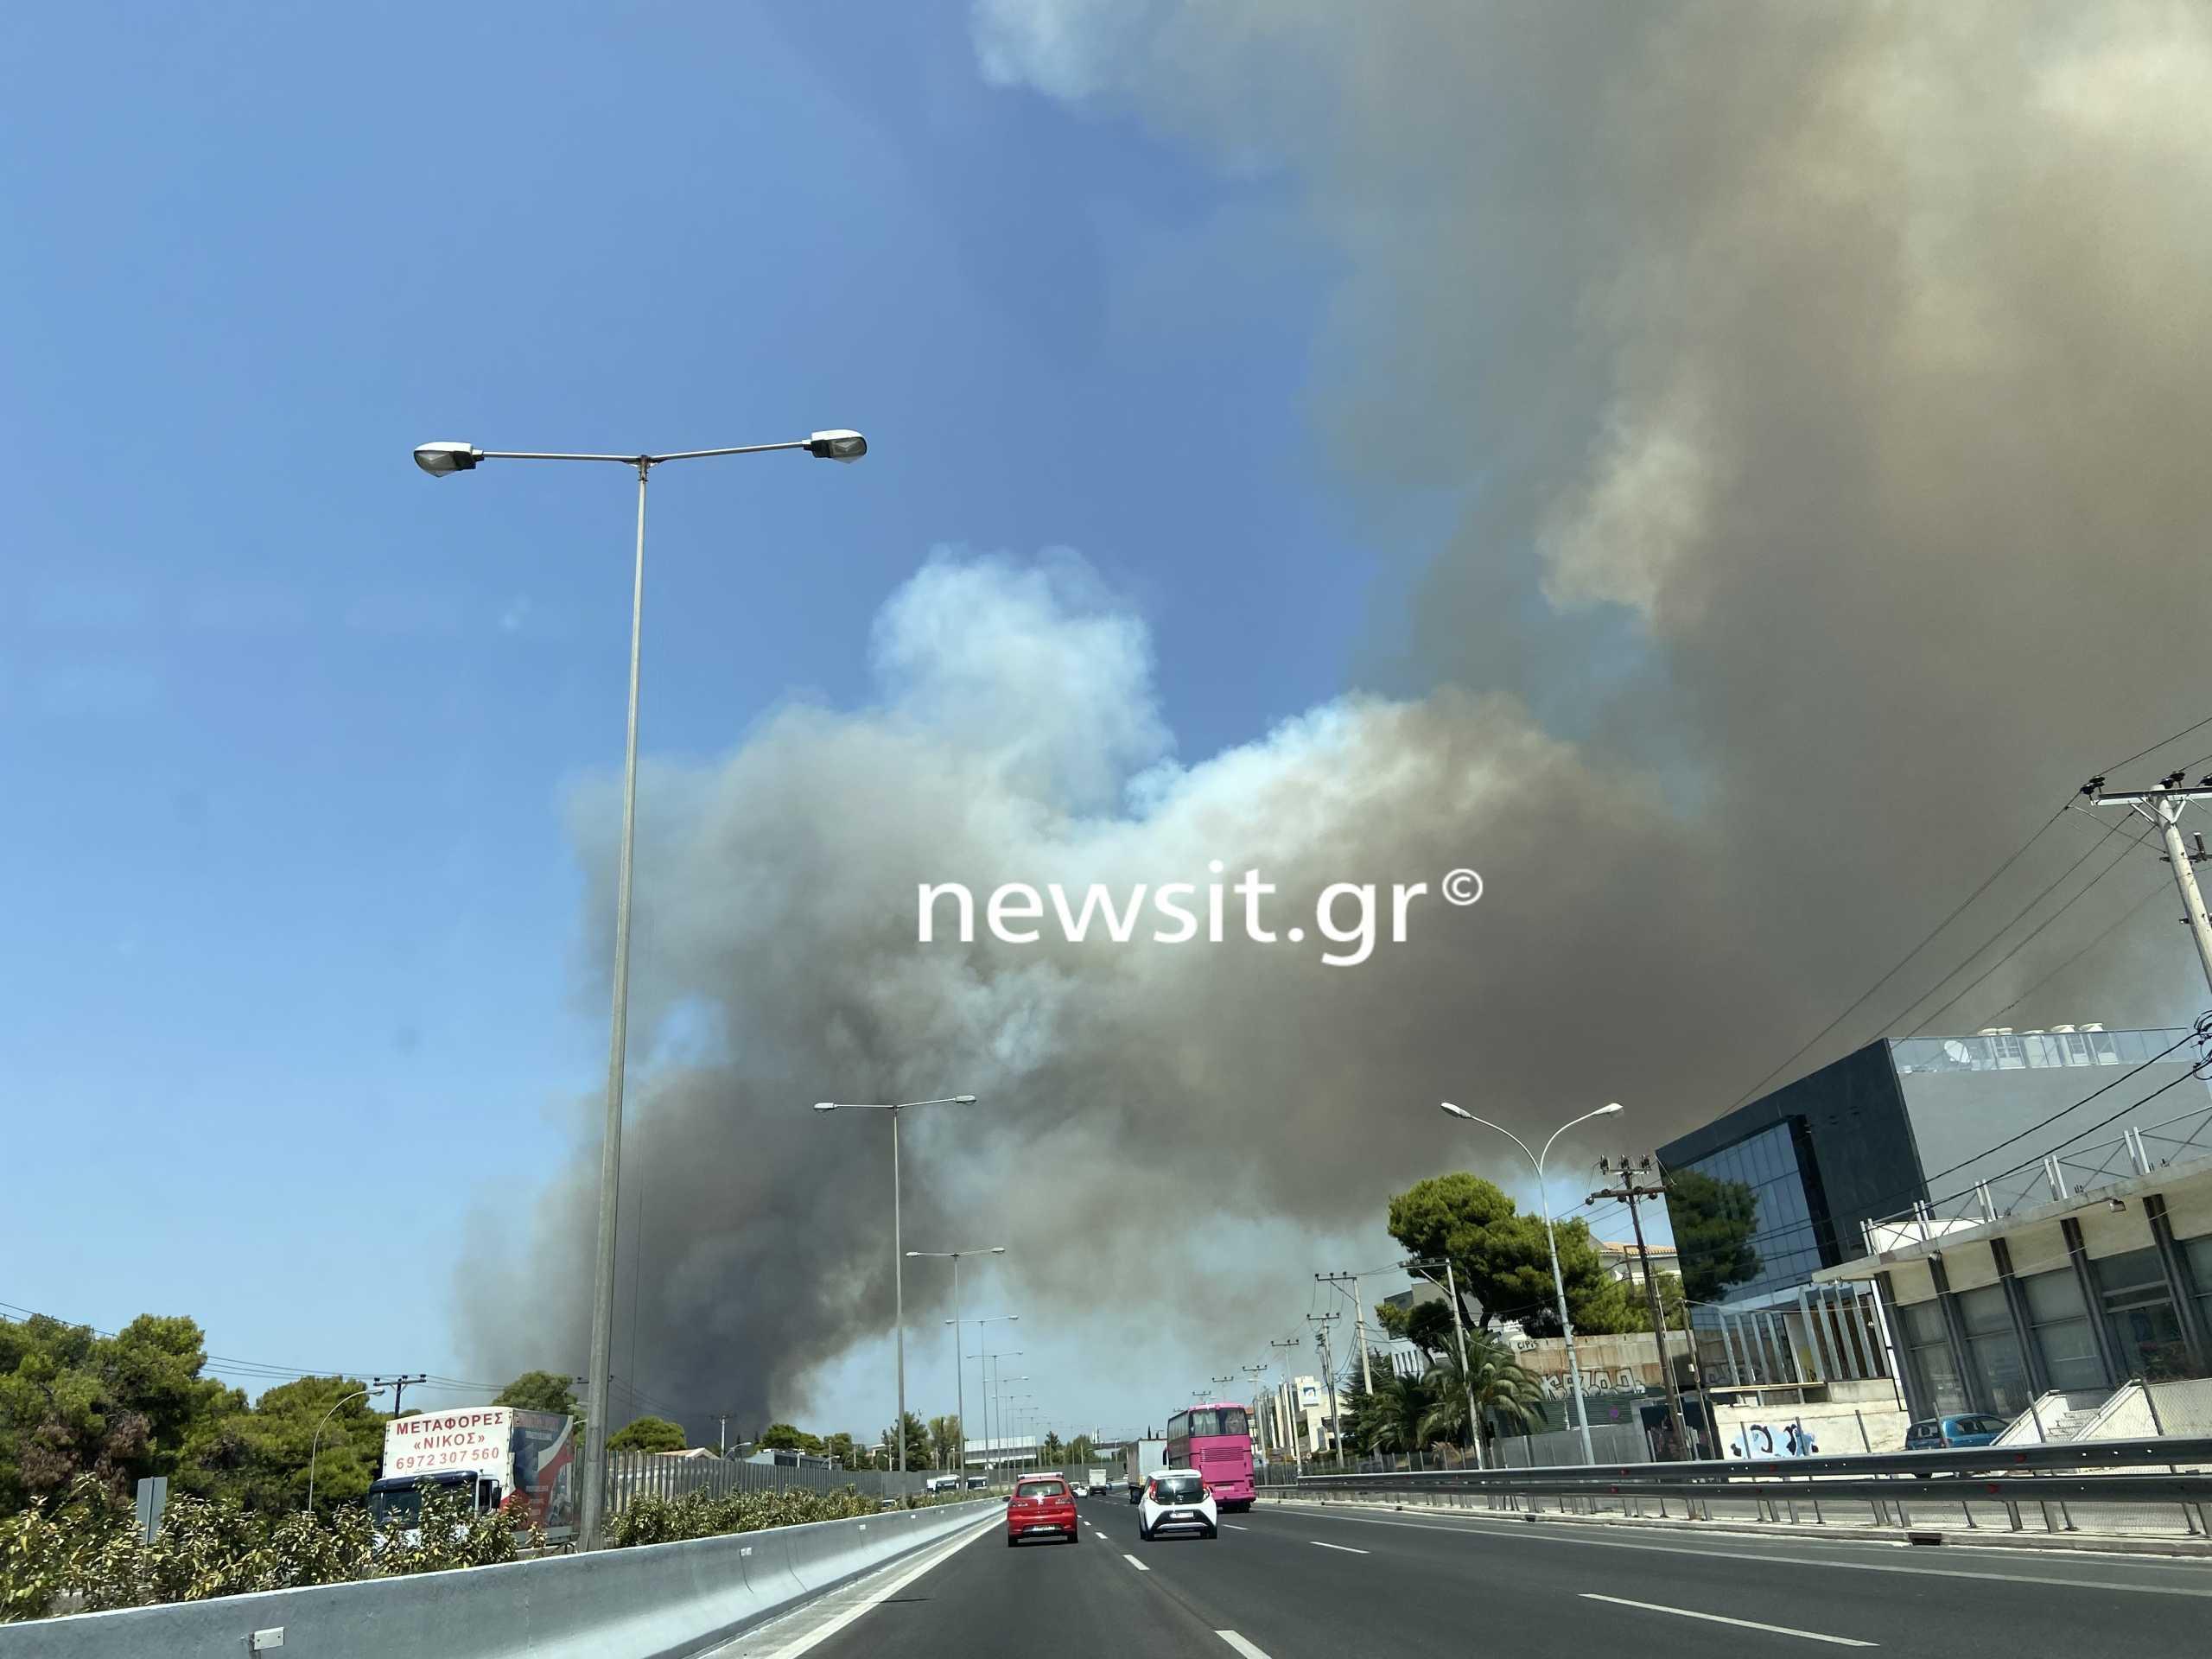 Φωτιά στη Βαρυμπόμπη: Νέα διακοπή και στα δύο ρεύματα της Εθνικής Οδού